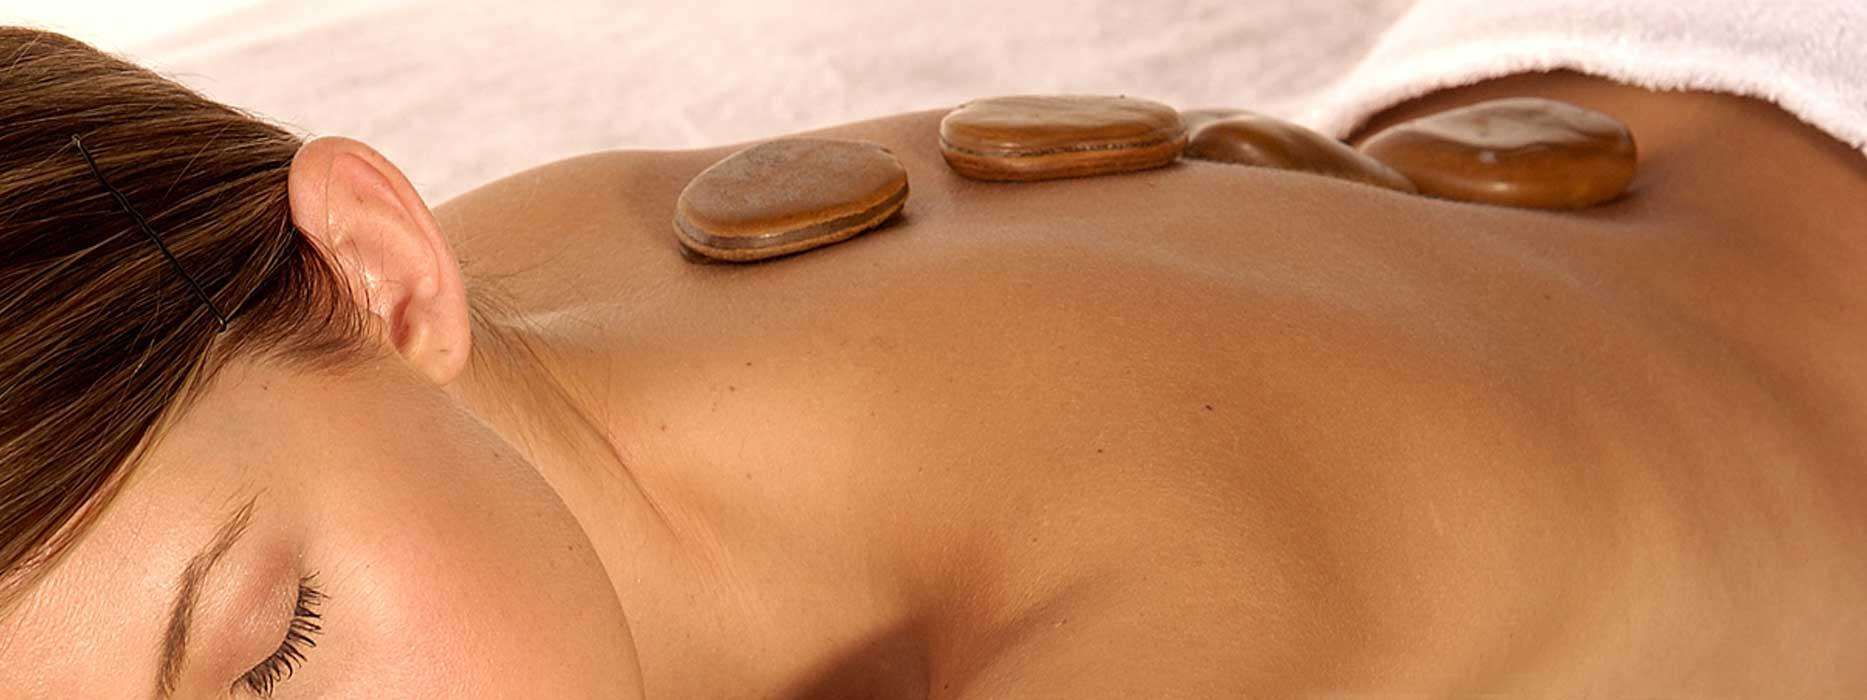 Solfeggio Hot Stone Healing